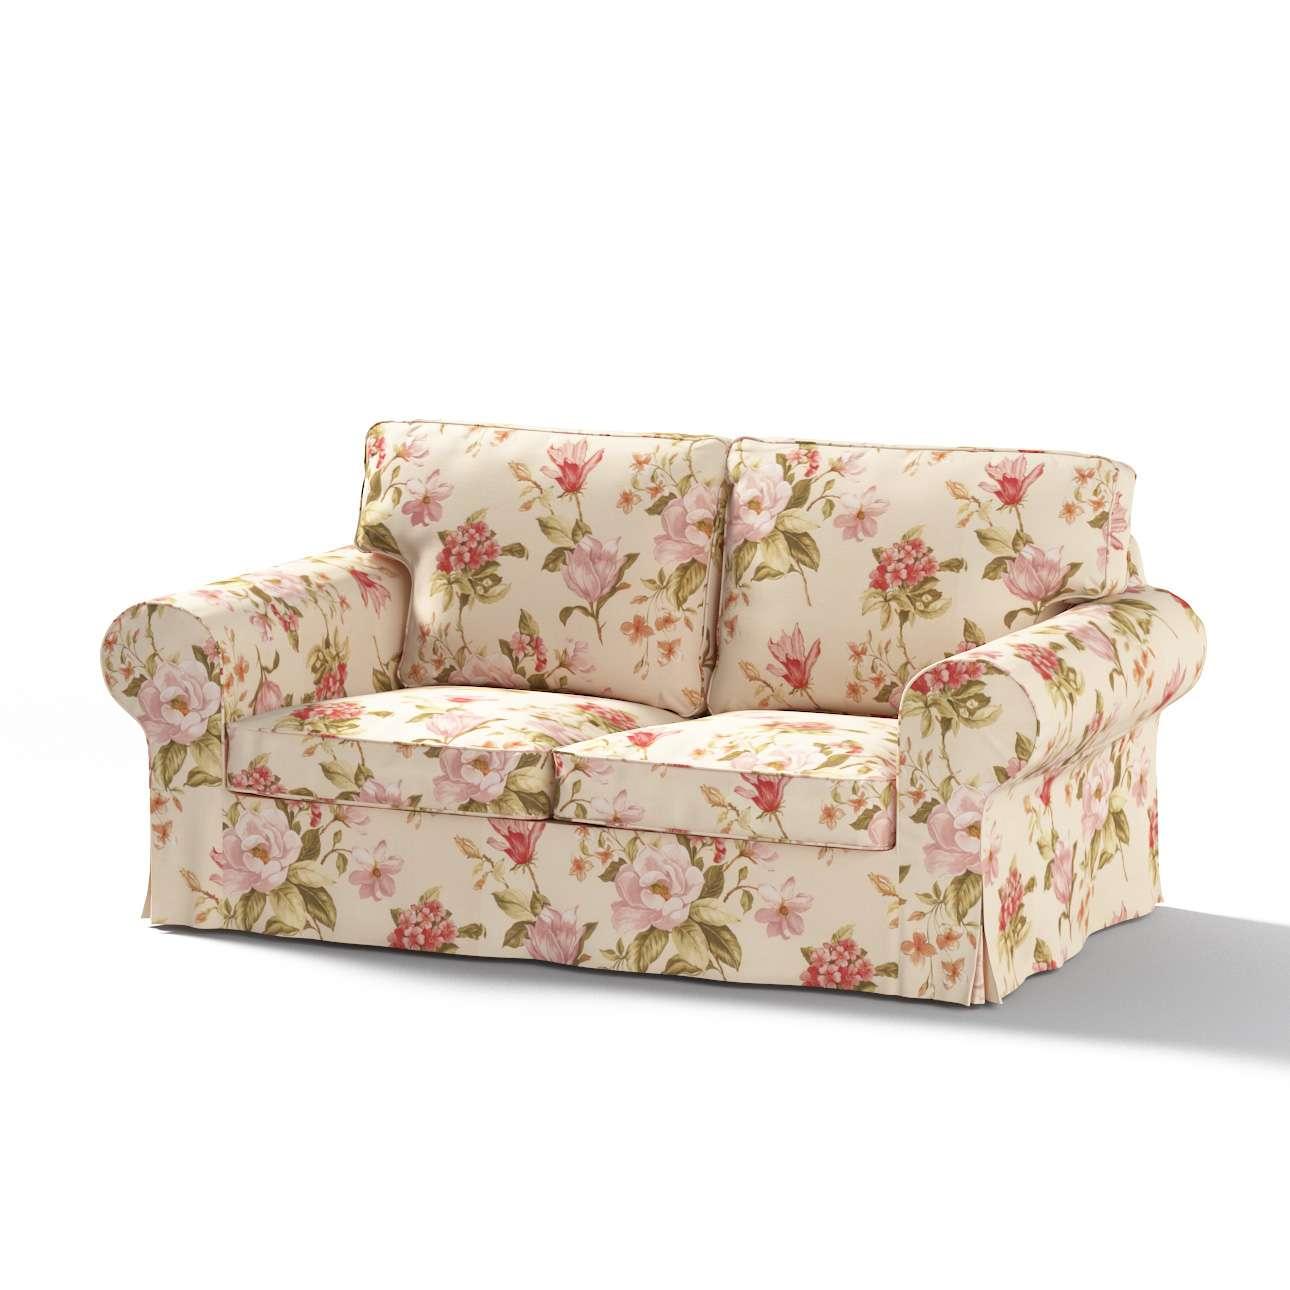 Pokrowiec na sofę Ektorp 2-osobową, rozkładaną, model do 2012 w kolekcji Londres, tkanina: 123-05